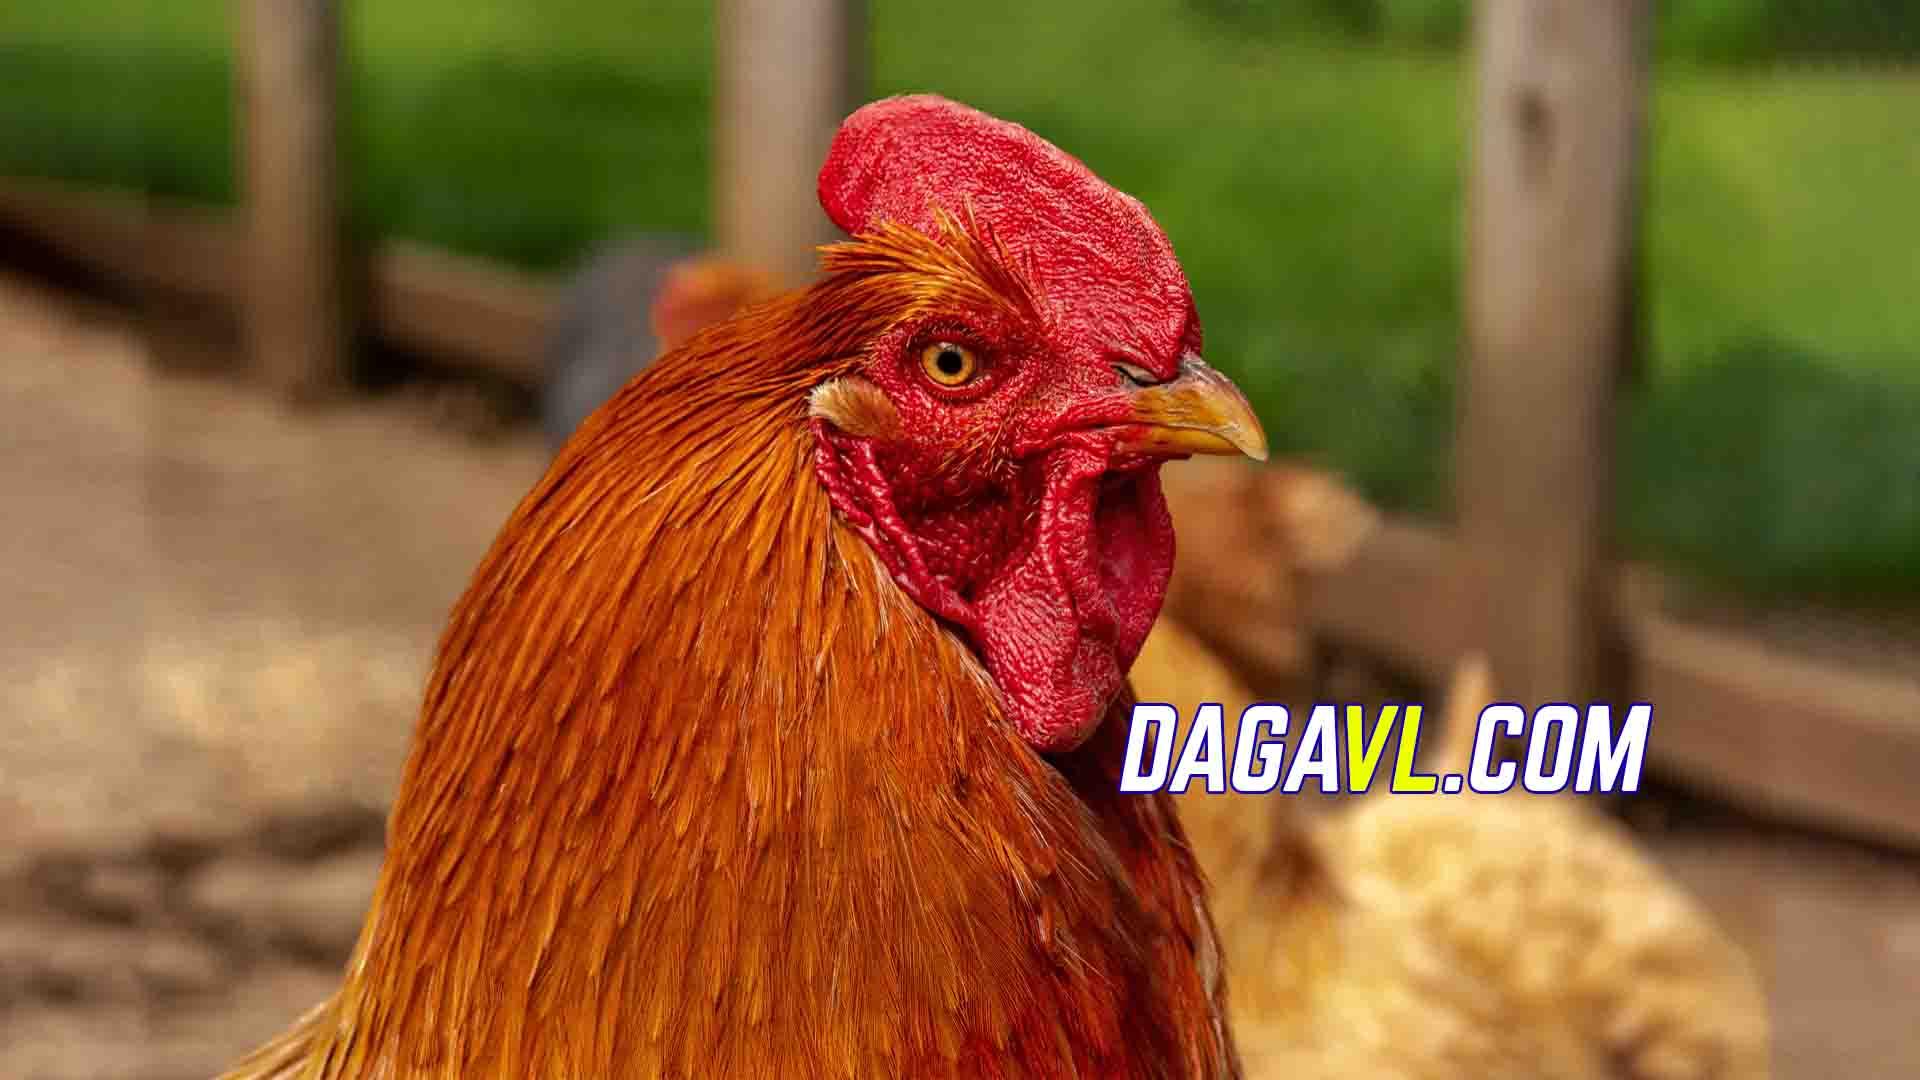 DAGAVL.COM - Chơi đá gà ngay trên bàn bi da